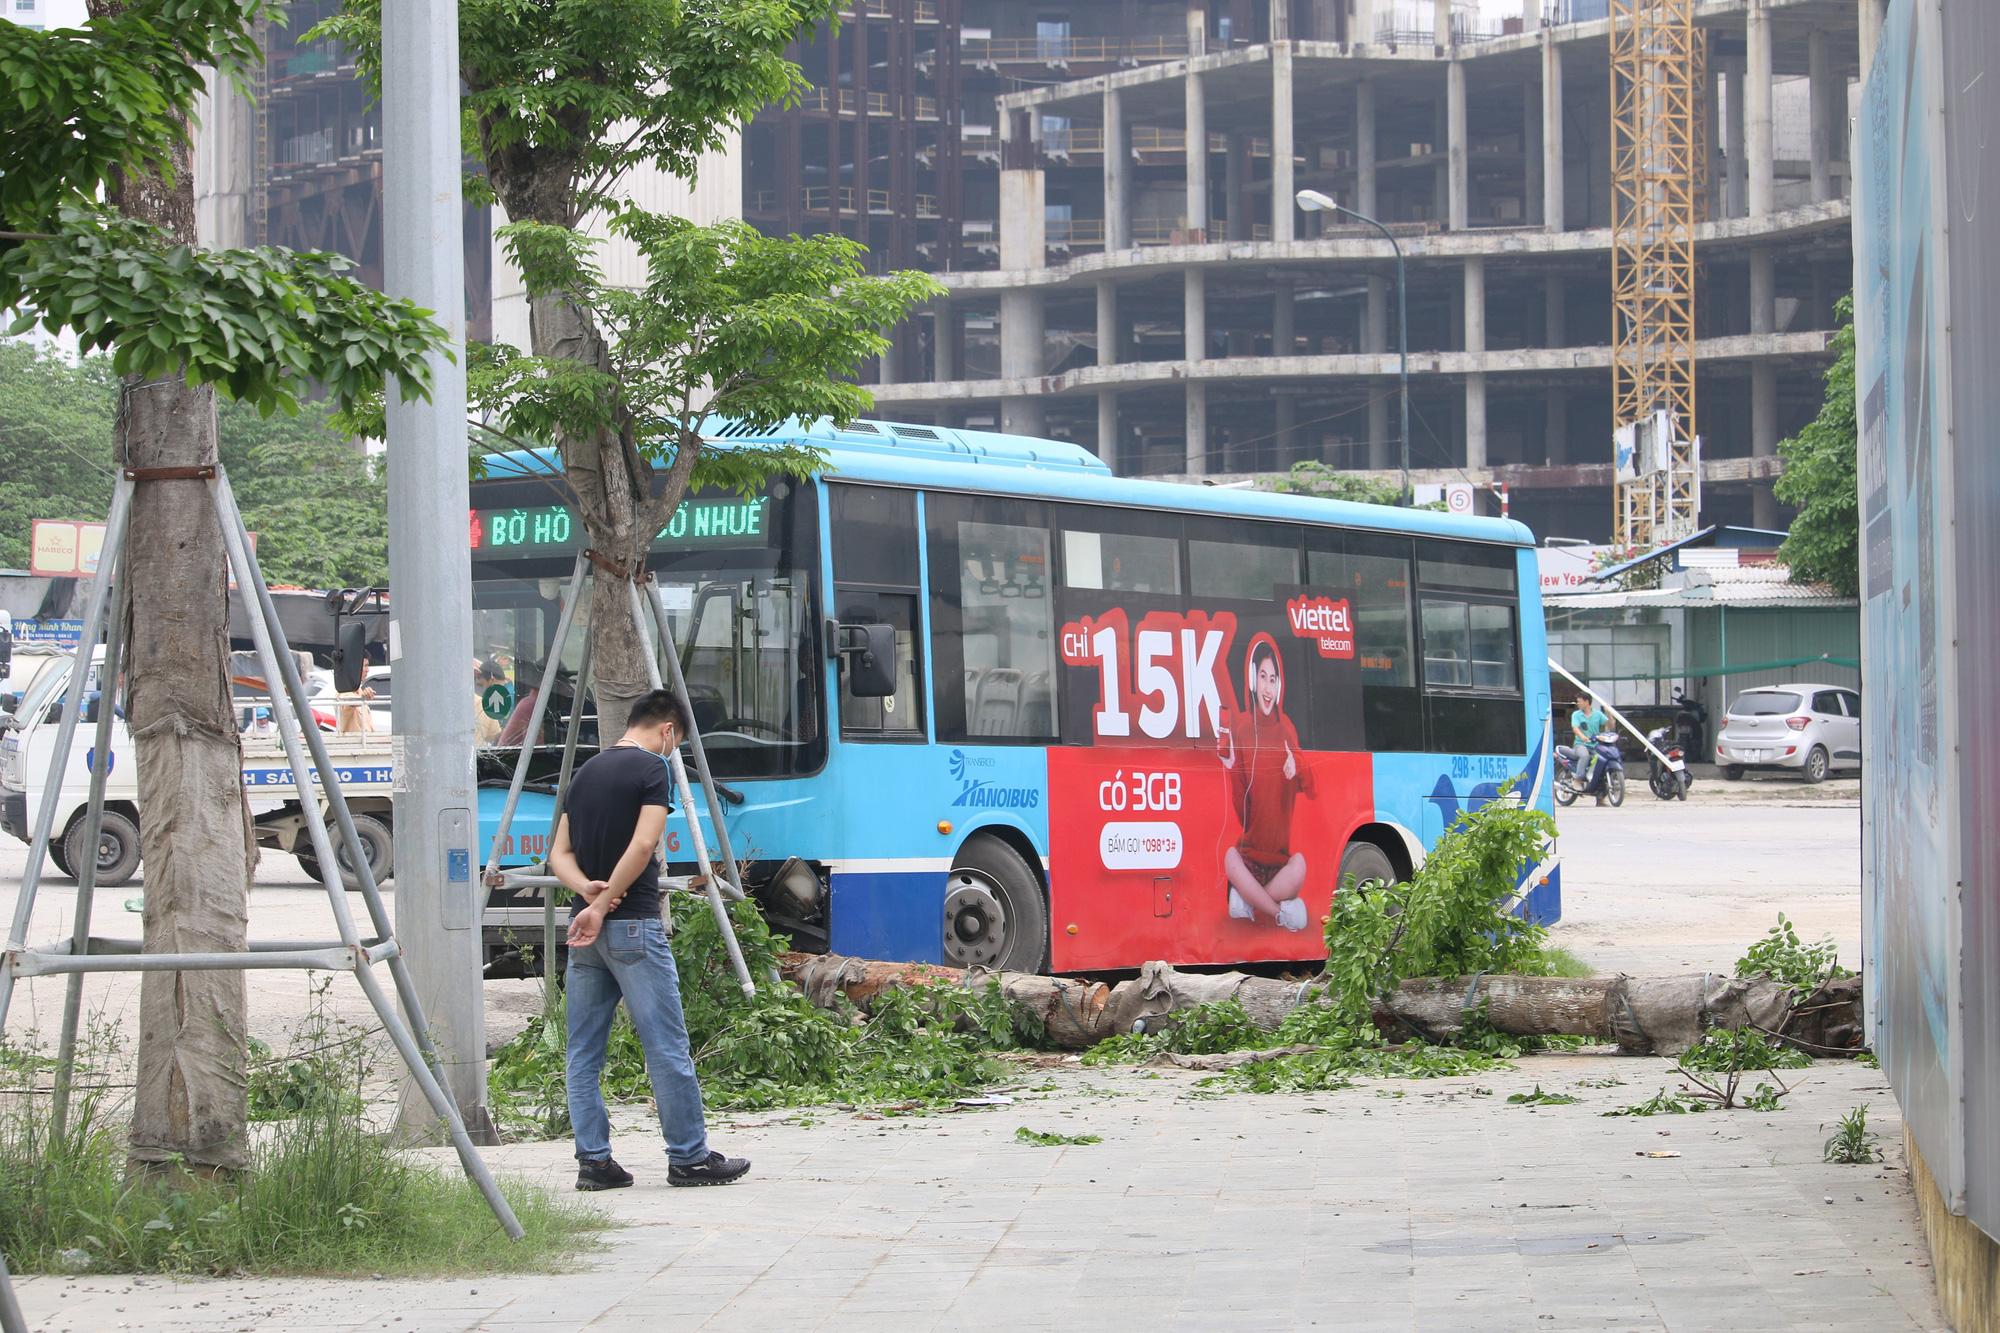 Nhân chứng kể lại vụ xe buýt lao lên vỉa hè, tông chết người đi bộ ở Hà Nội - Ảnh 2.